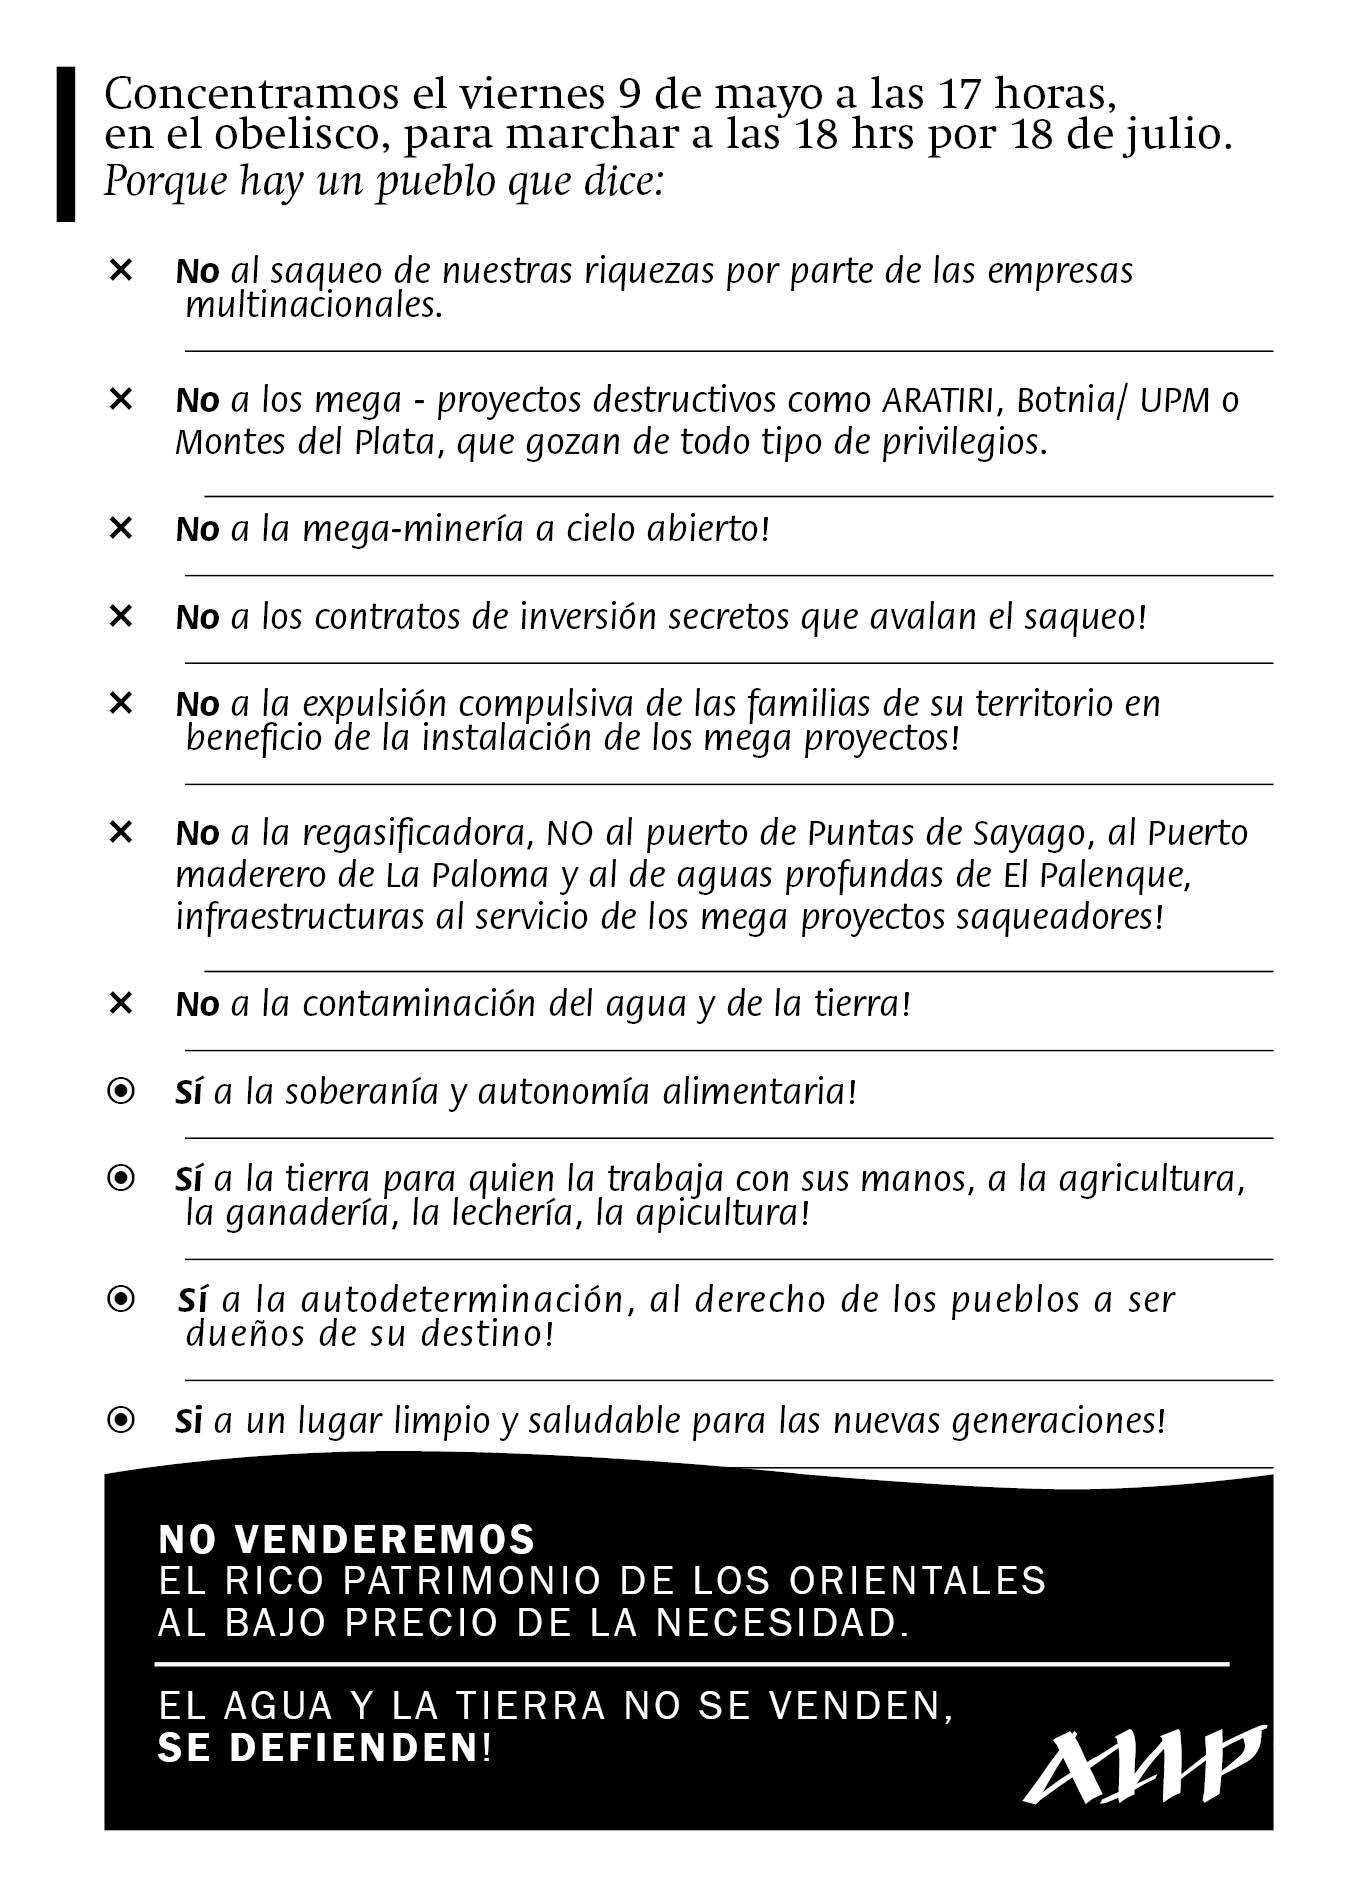 volante_marcha_dorso-9mayo